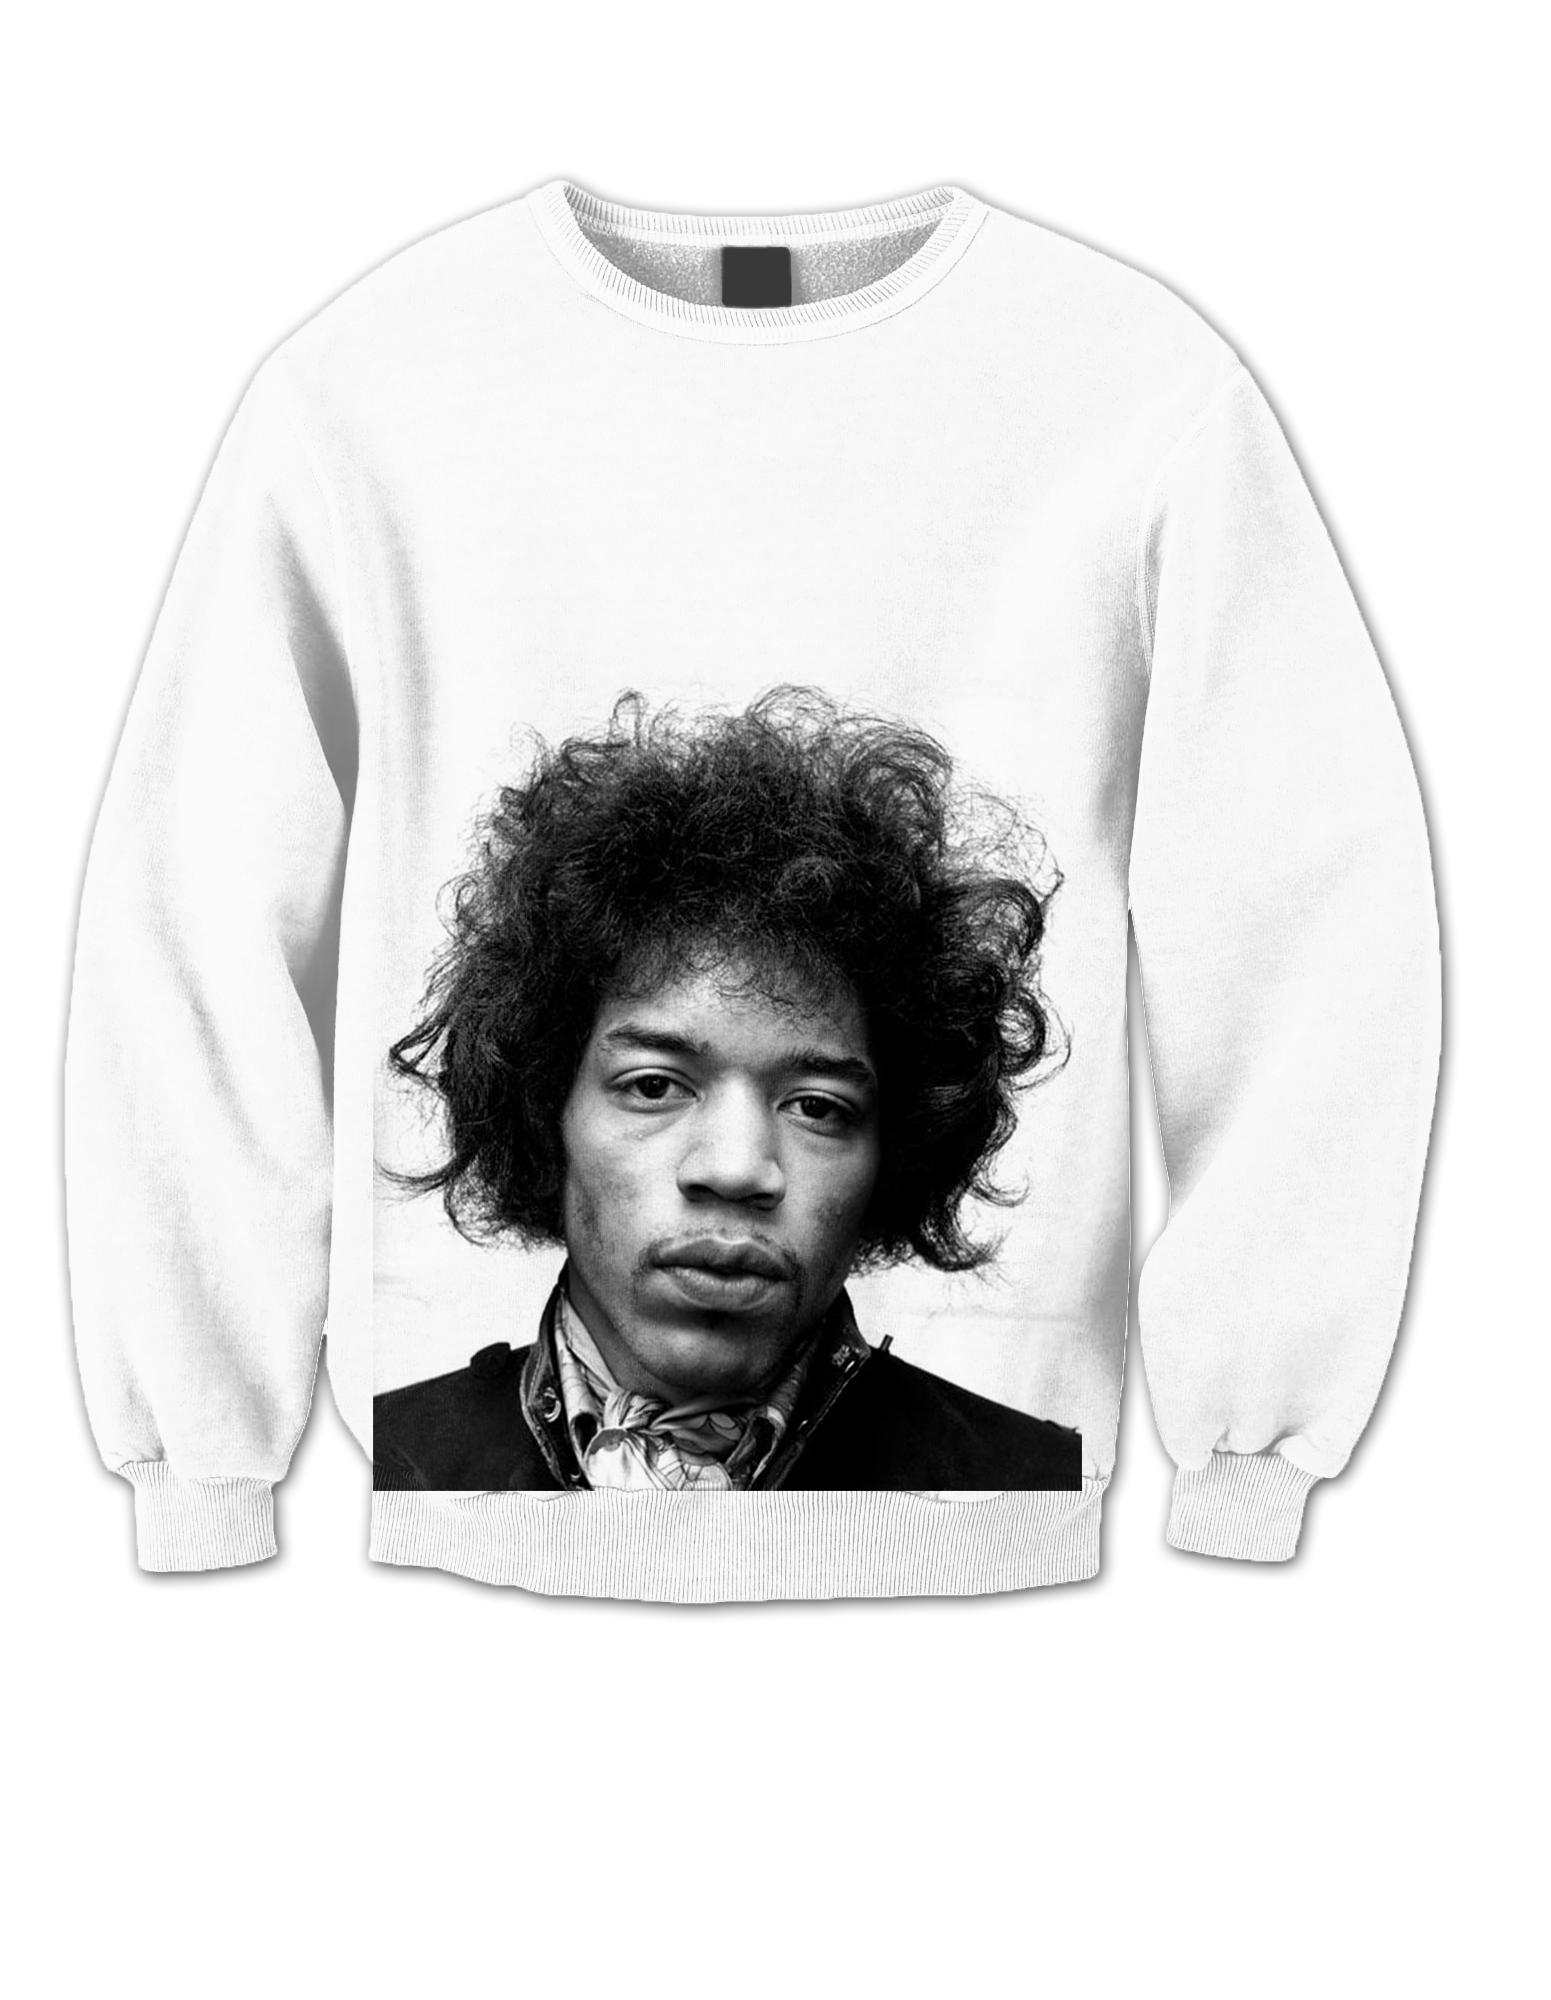 Uta Nogprince-samag - Camus - T-shirt